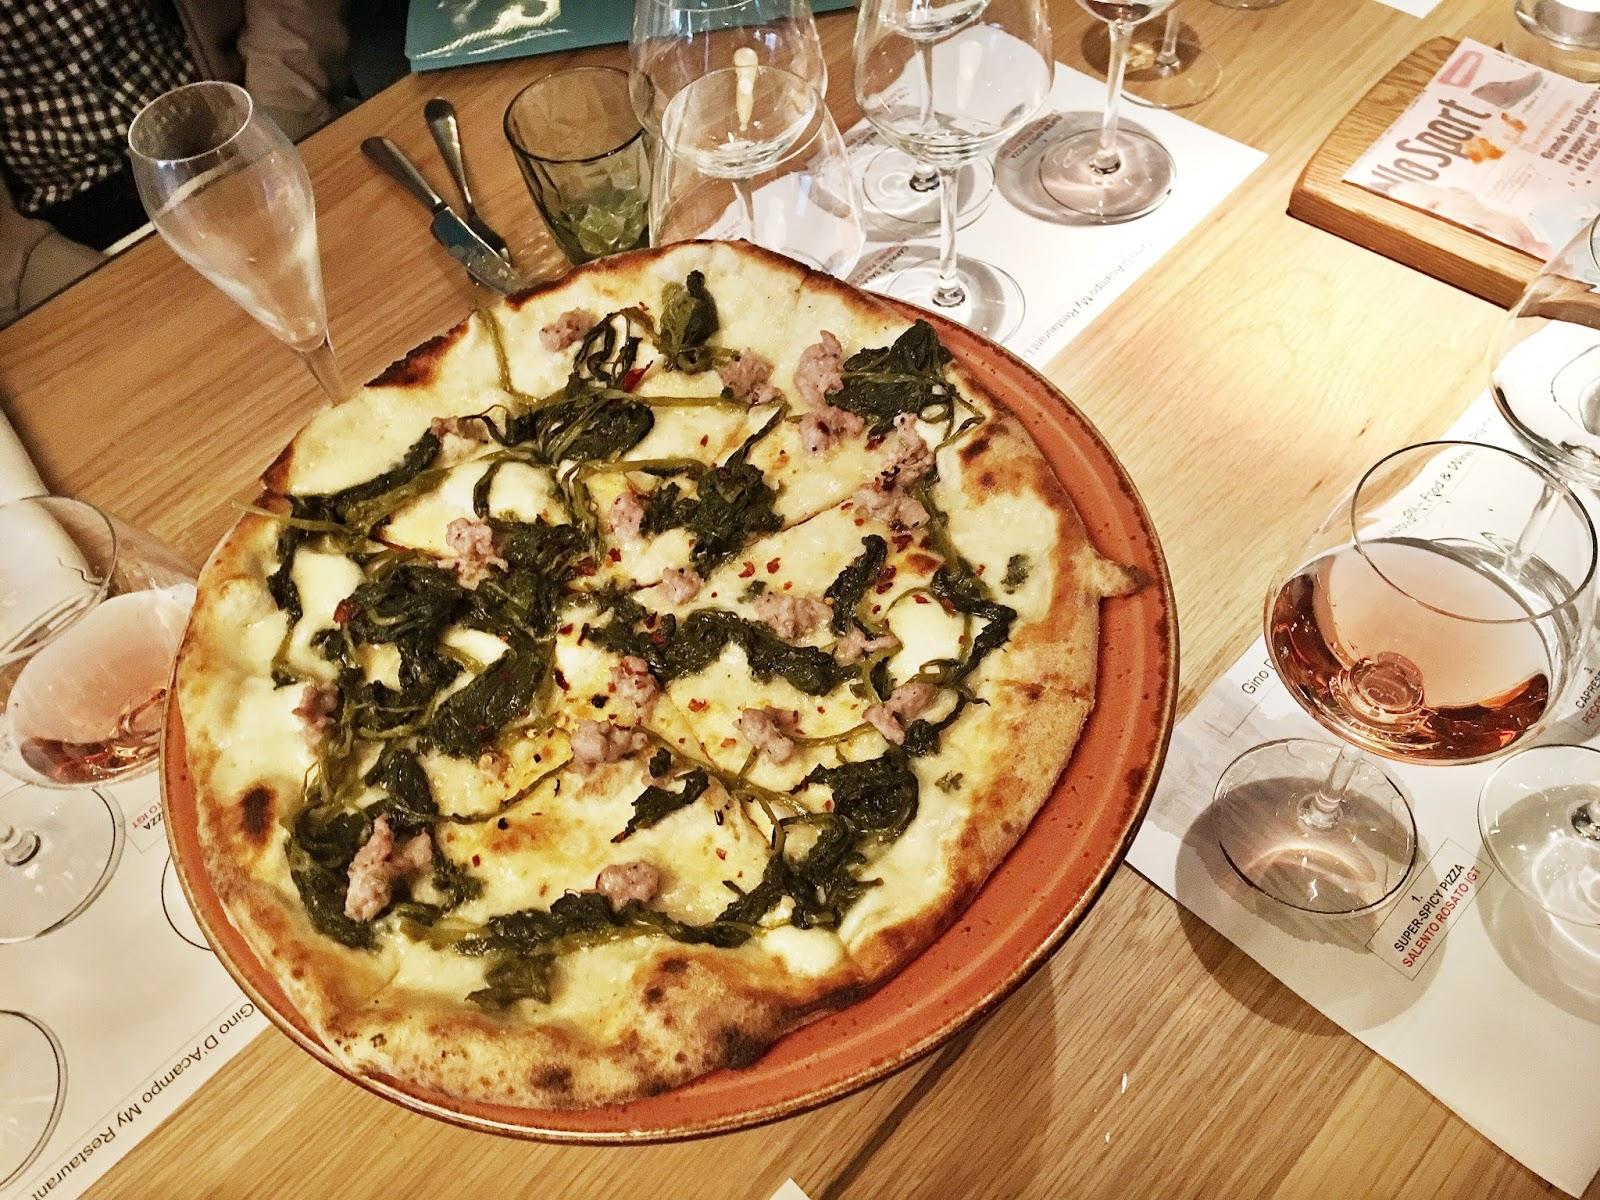 Gino's My Restaurant Liverpool Pizza sharing